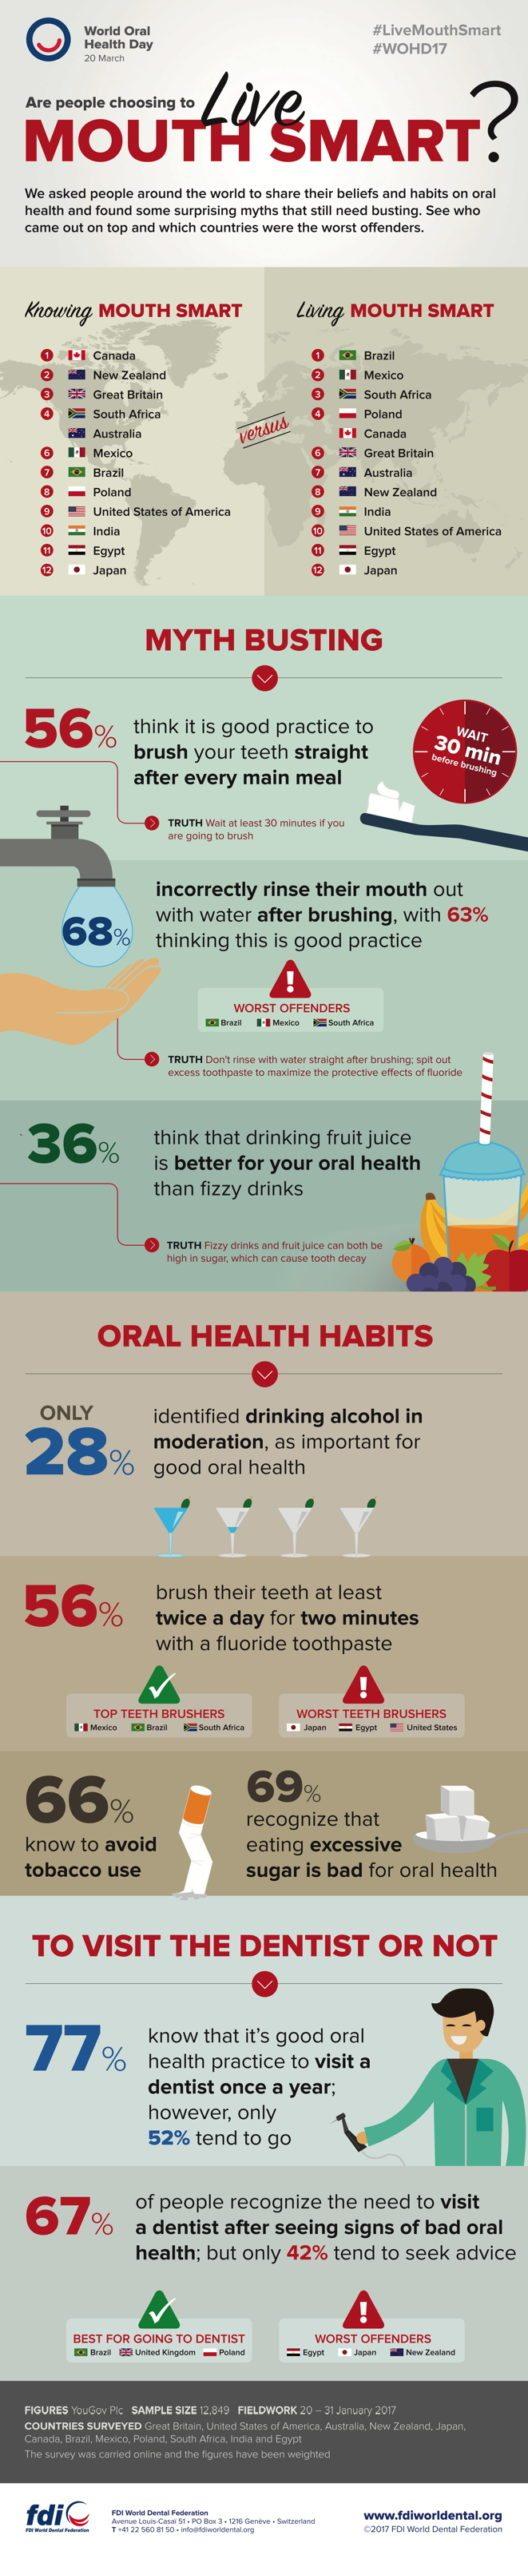 Infografik zum Weltmundgesundheitstag. (Bild: obs/FDI World Dental Federation)